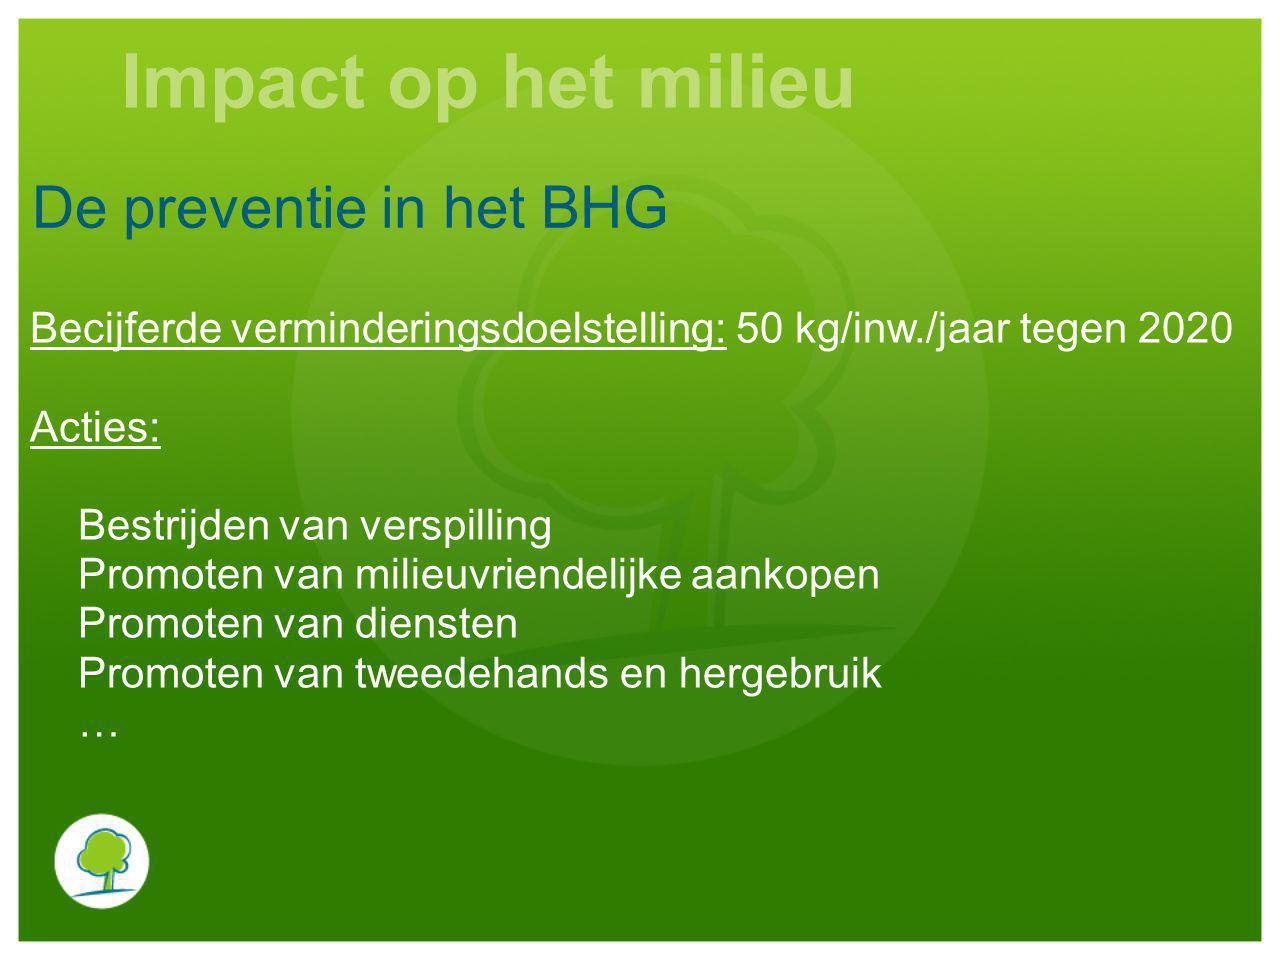 Impact op het milieu De preventie in het BHG